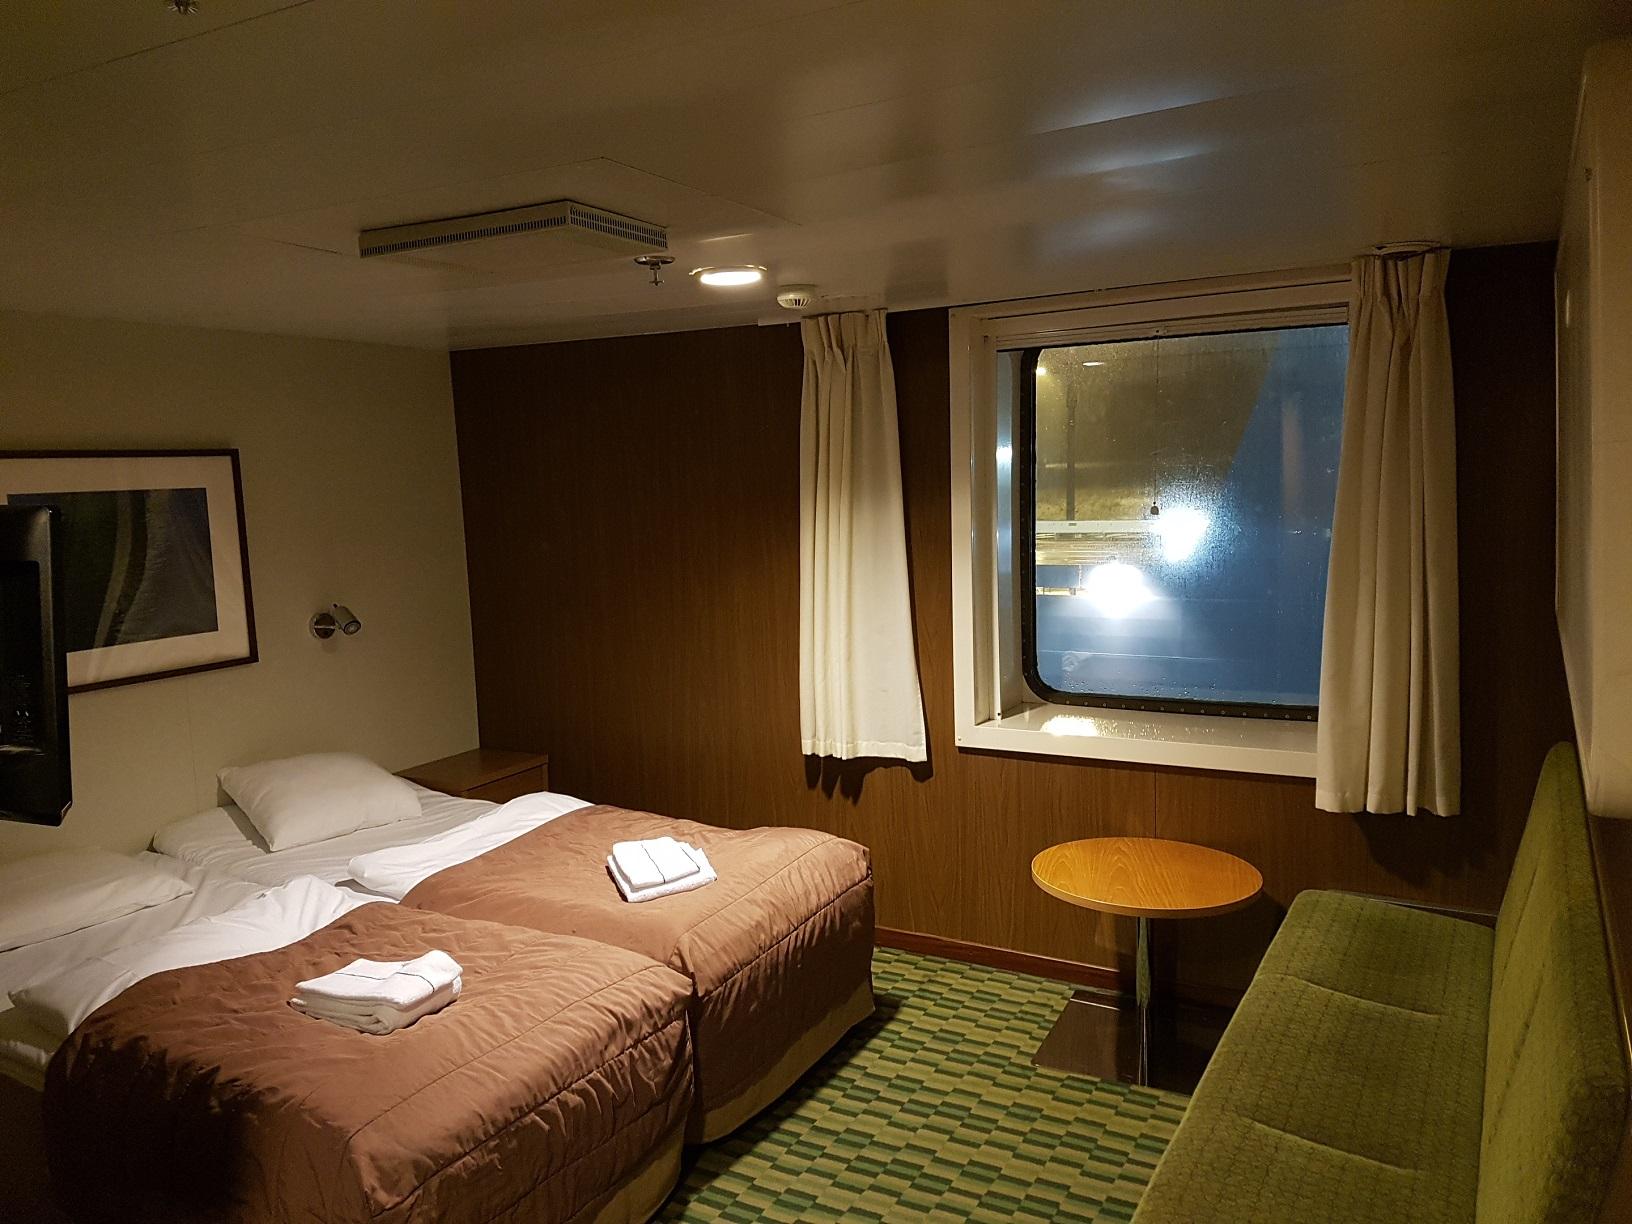 Viel Platz zum Relaxen: Unsere Außenkabine mit Doppelbett.